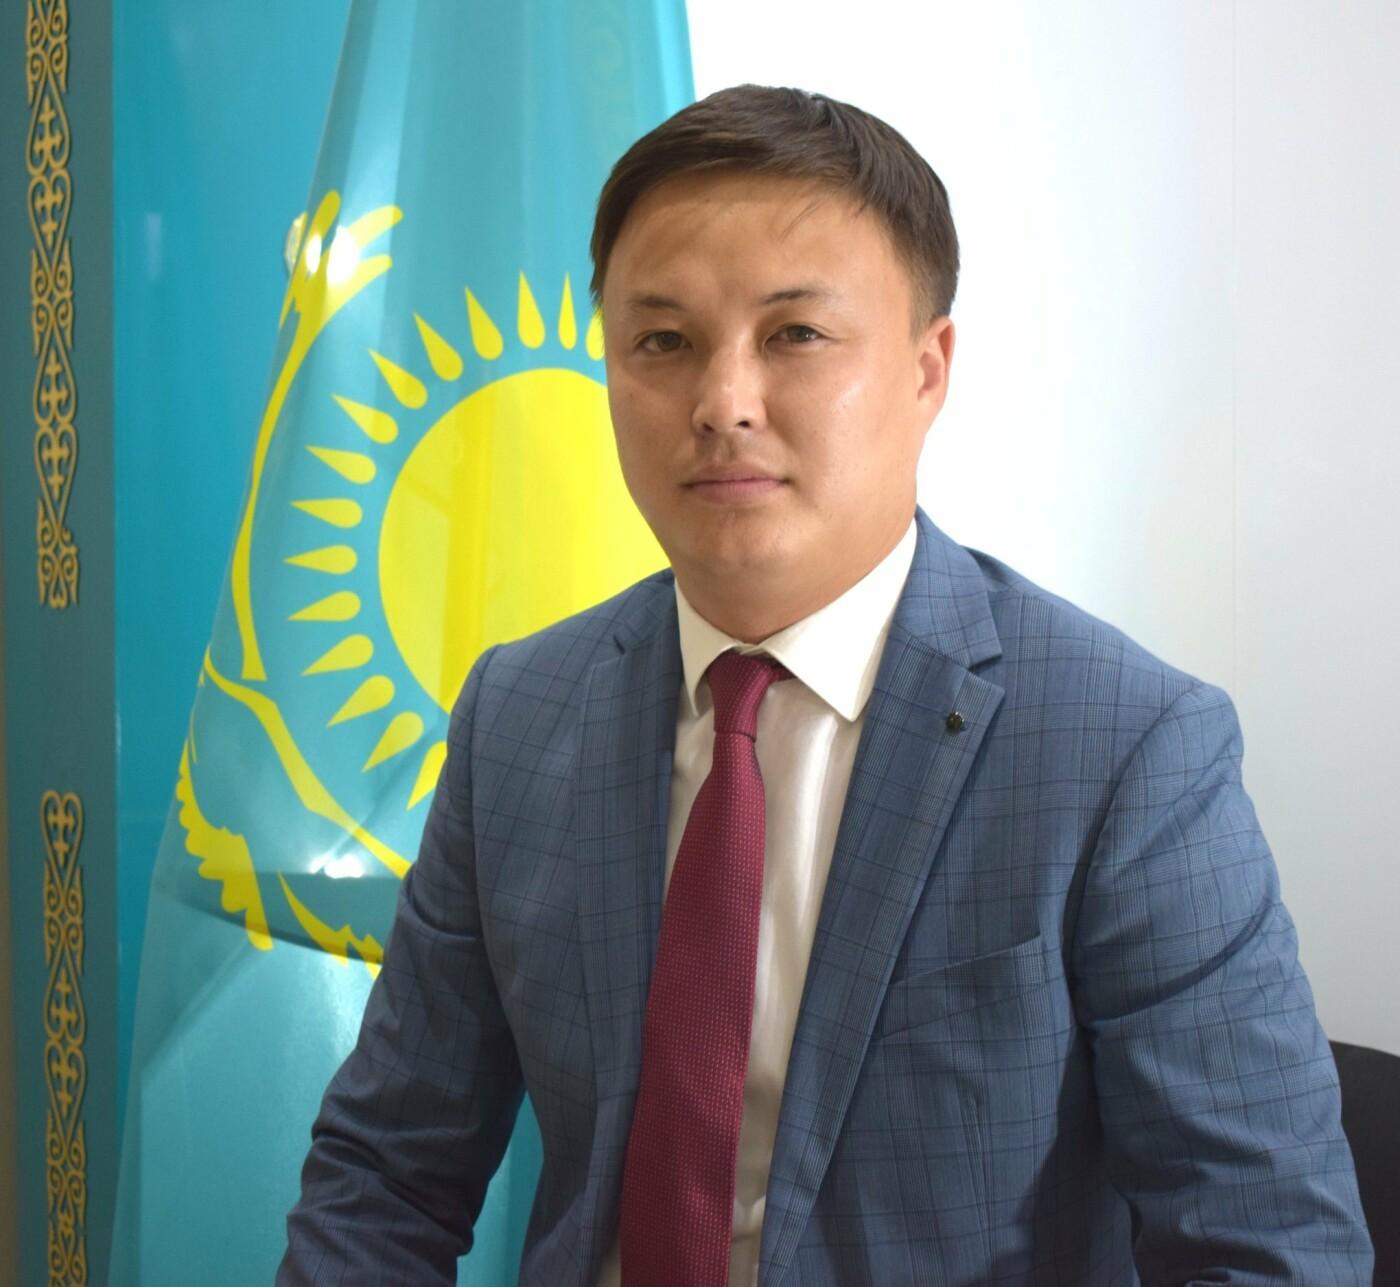 Руководителя городского отдела финансов назначили в Атырау, фото-1